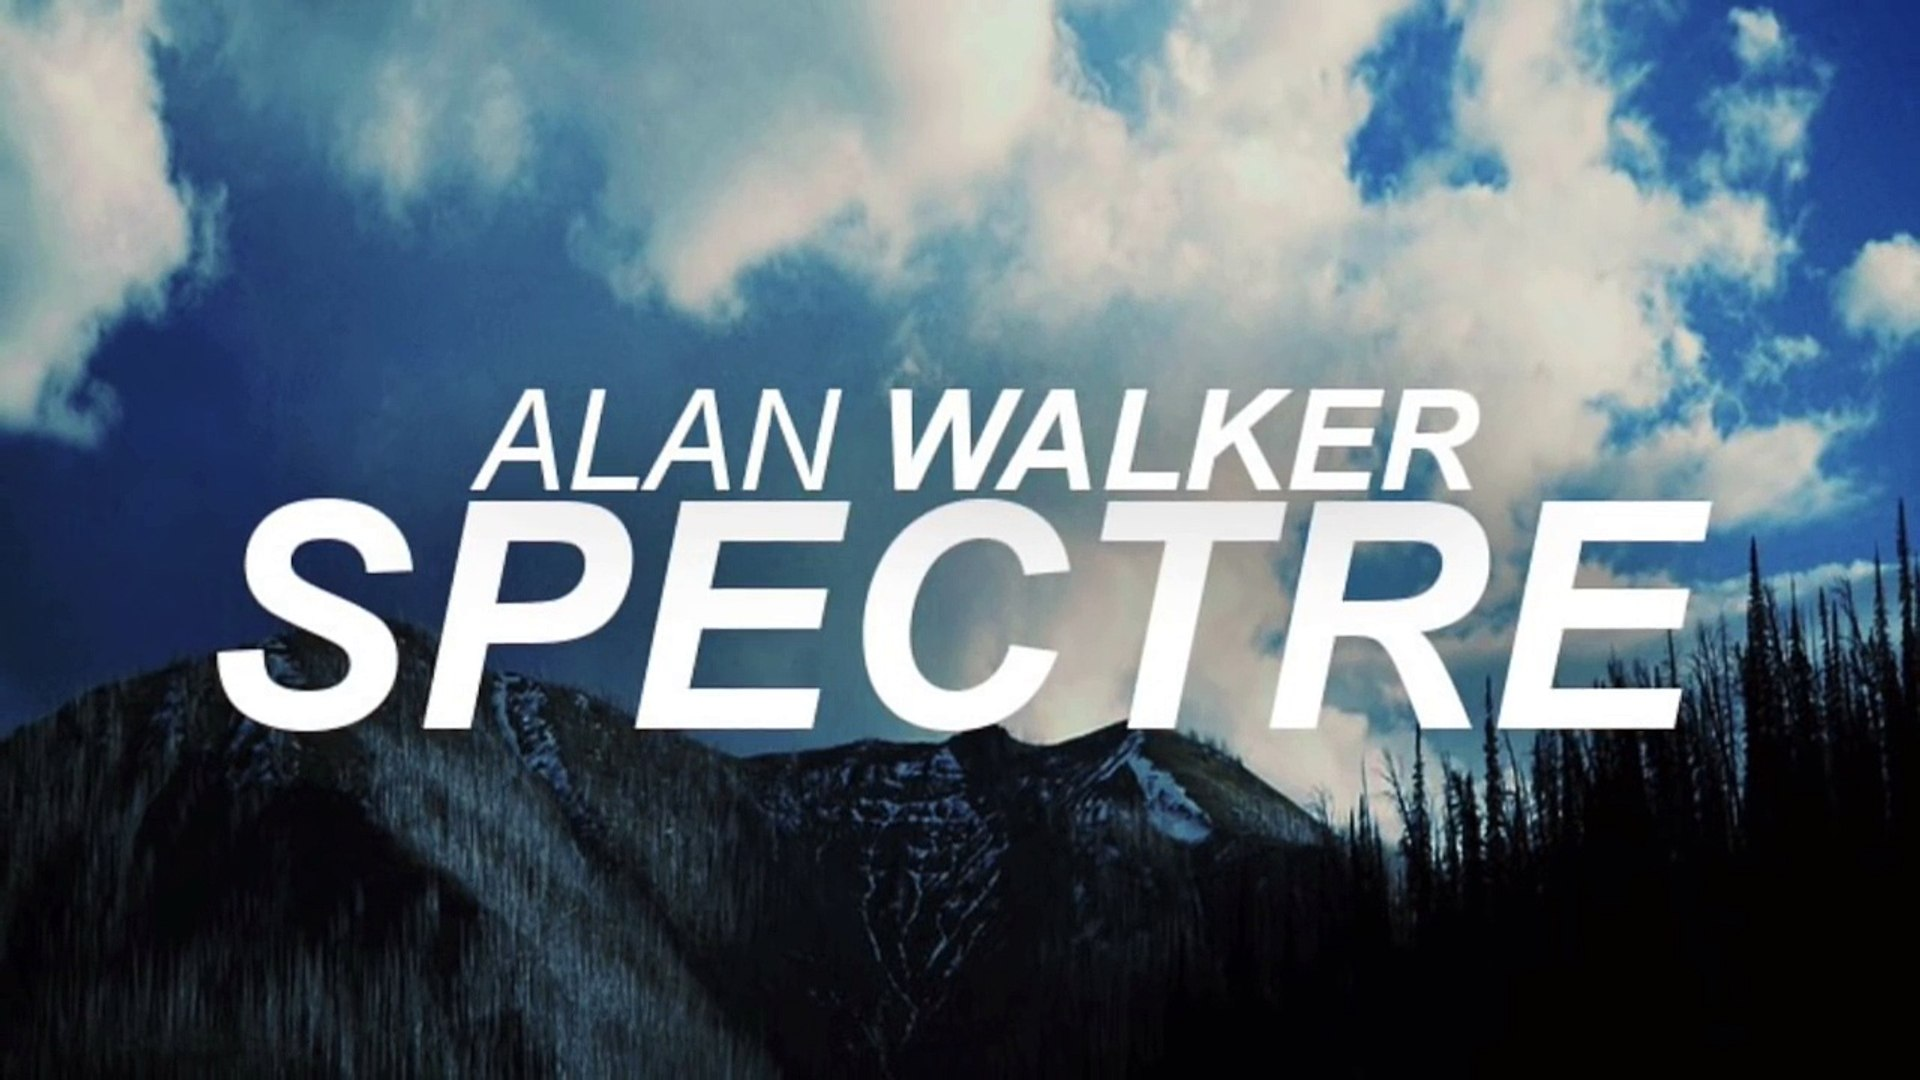 Kết quả hình ảnh cho the spectre alan walker